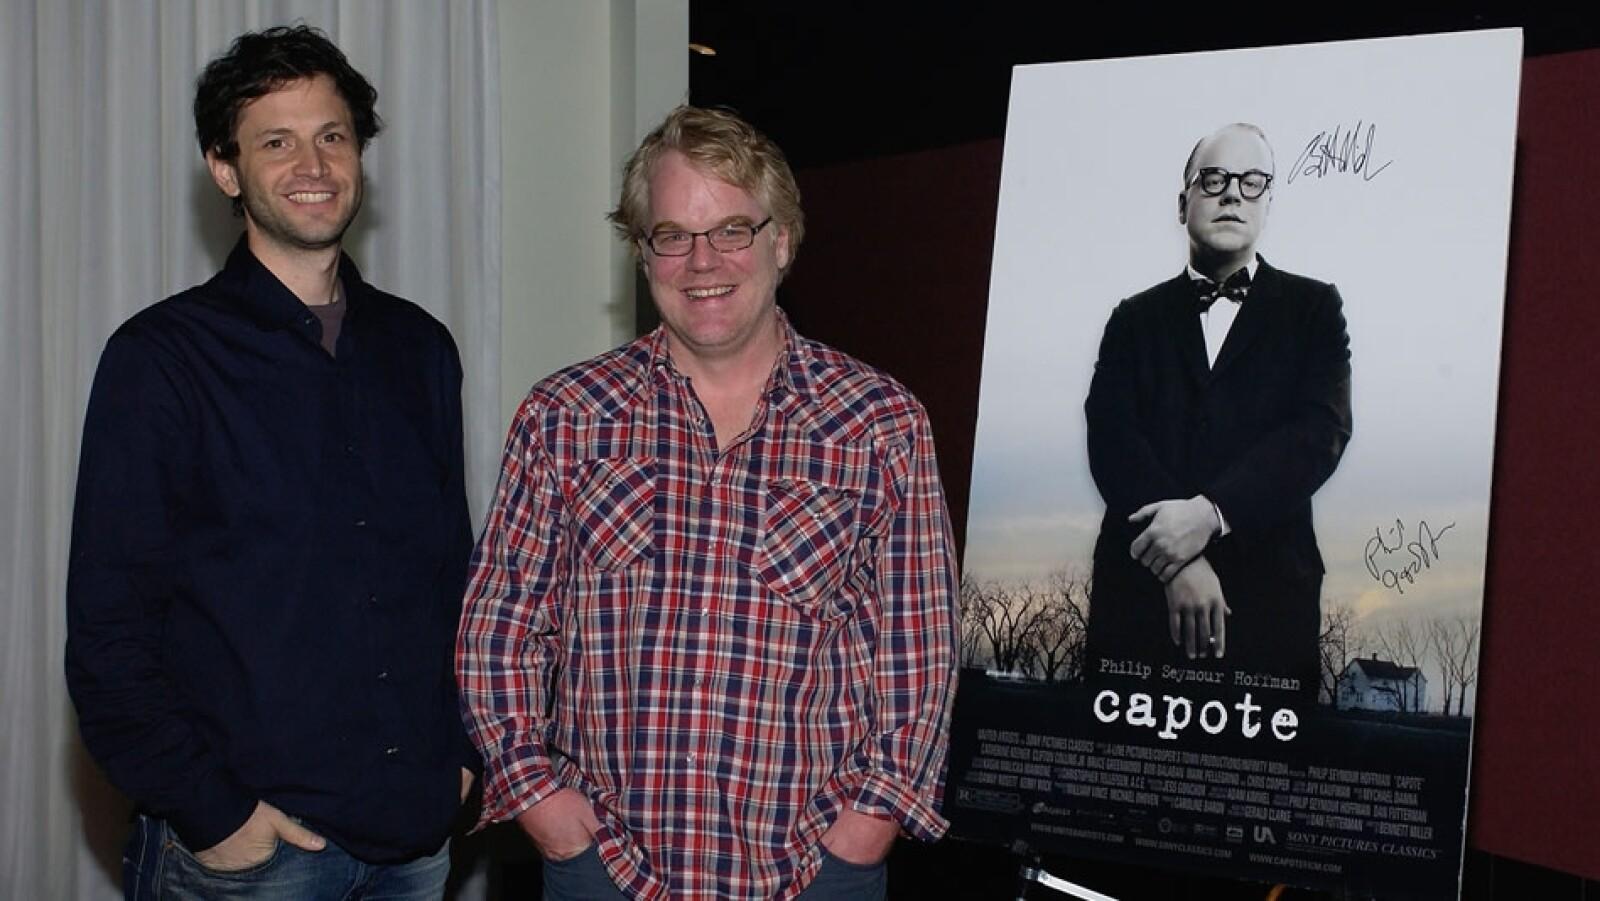 Actor Philip Seymour Hoffman